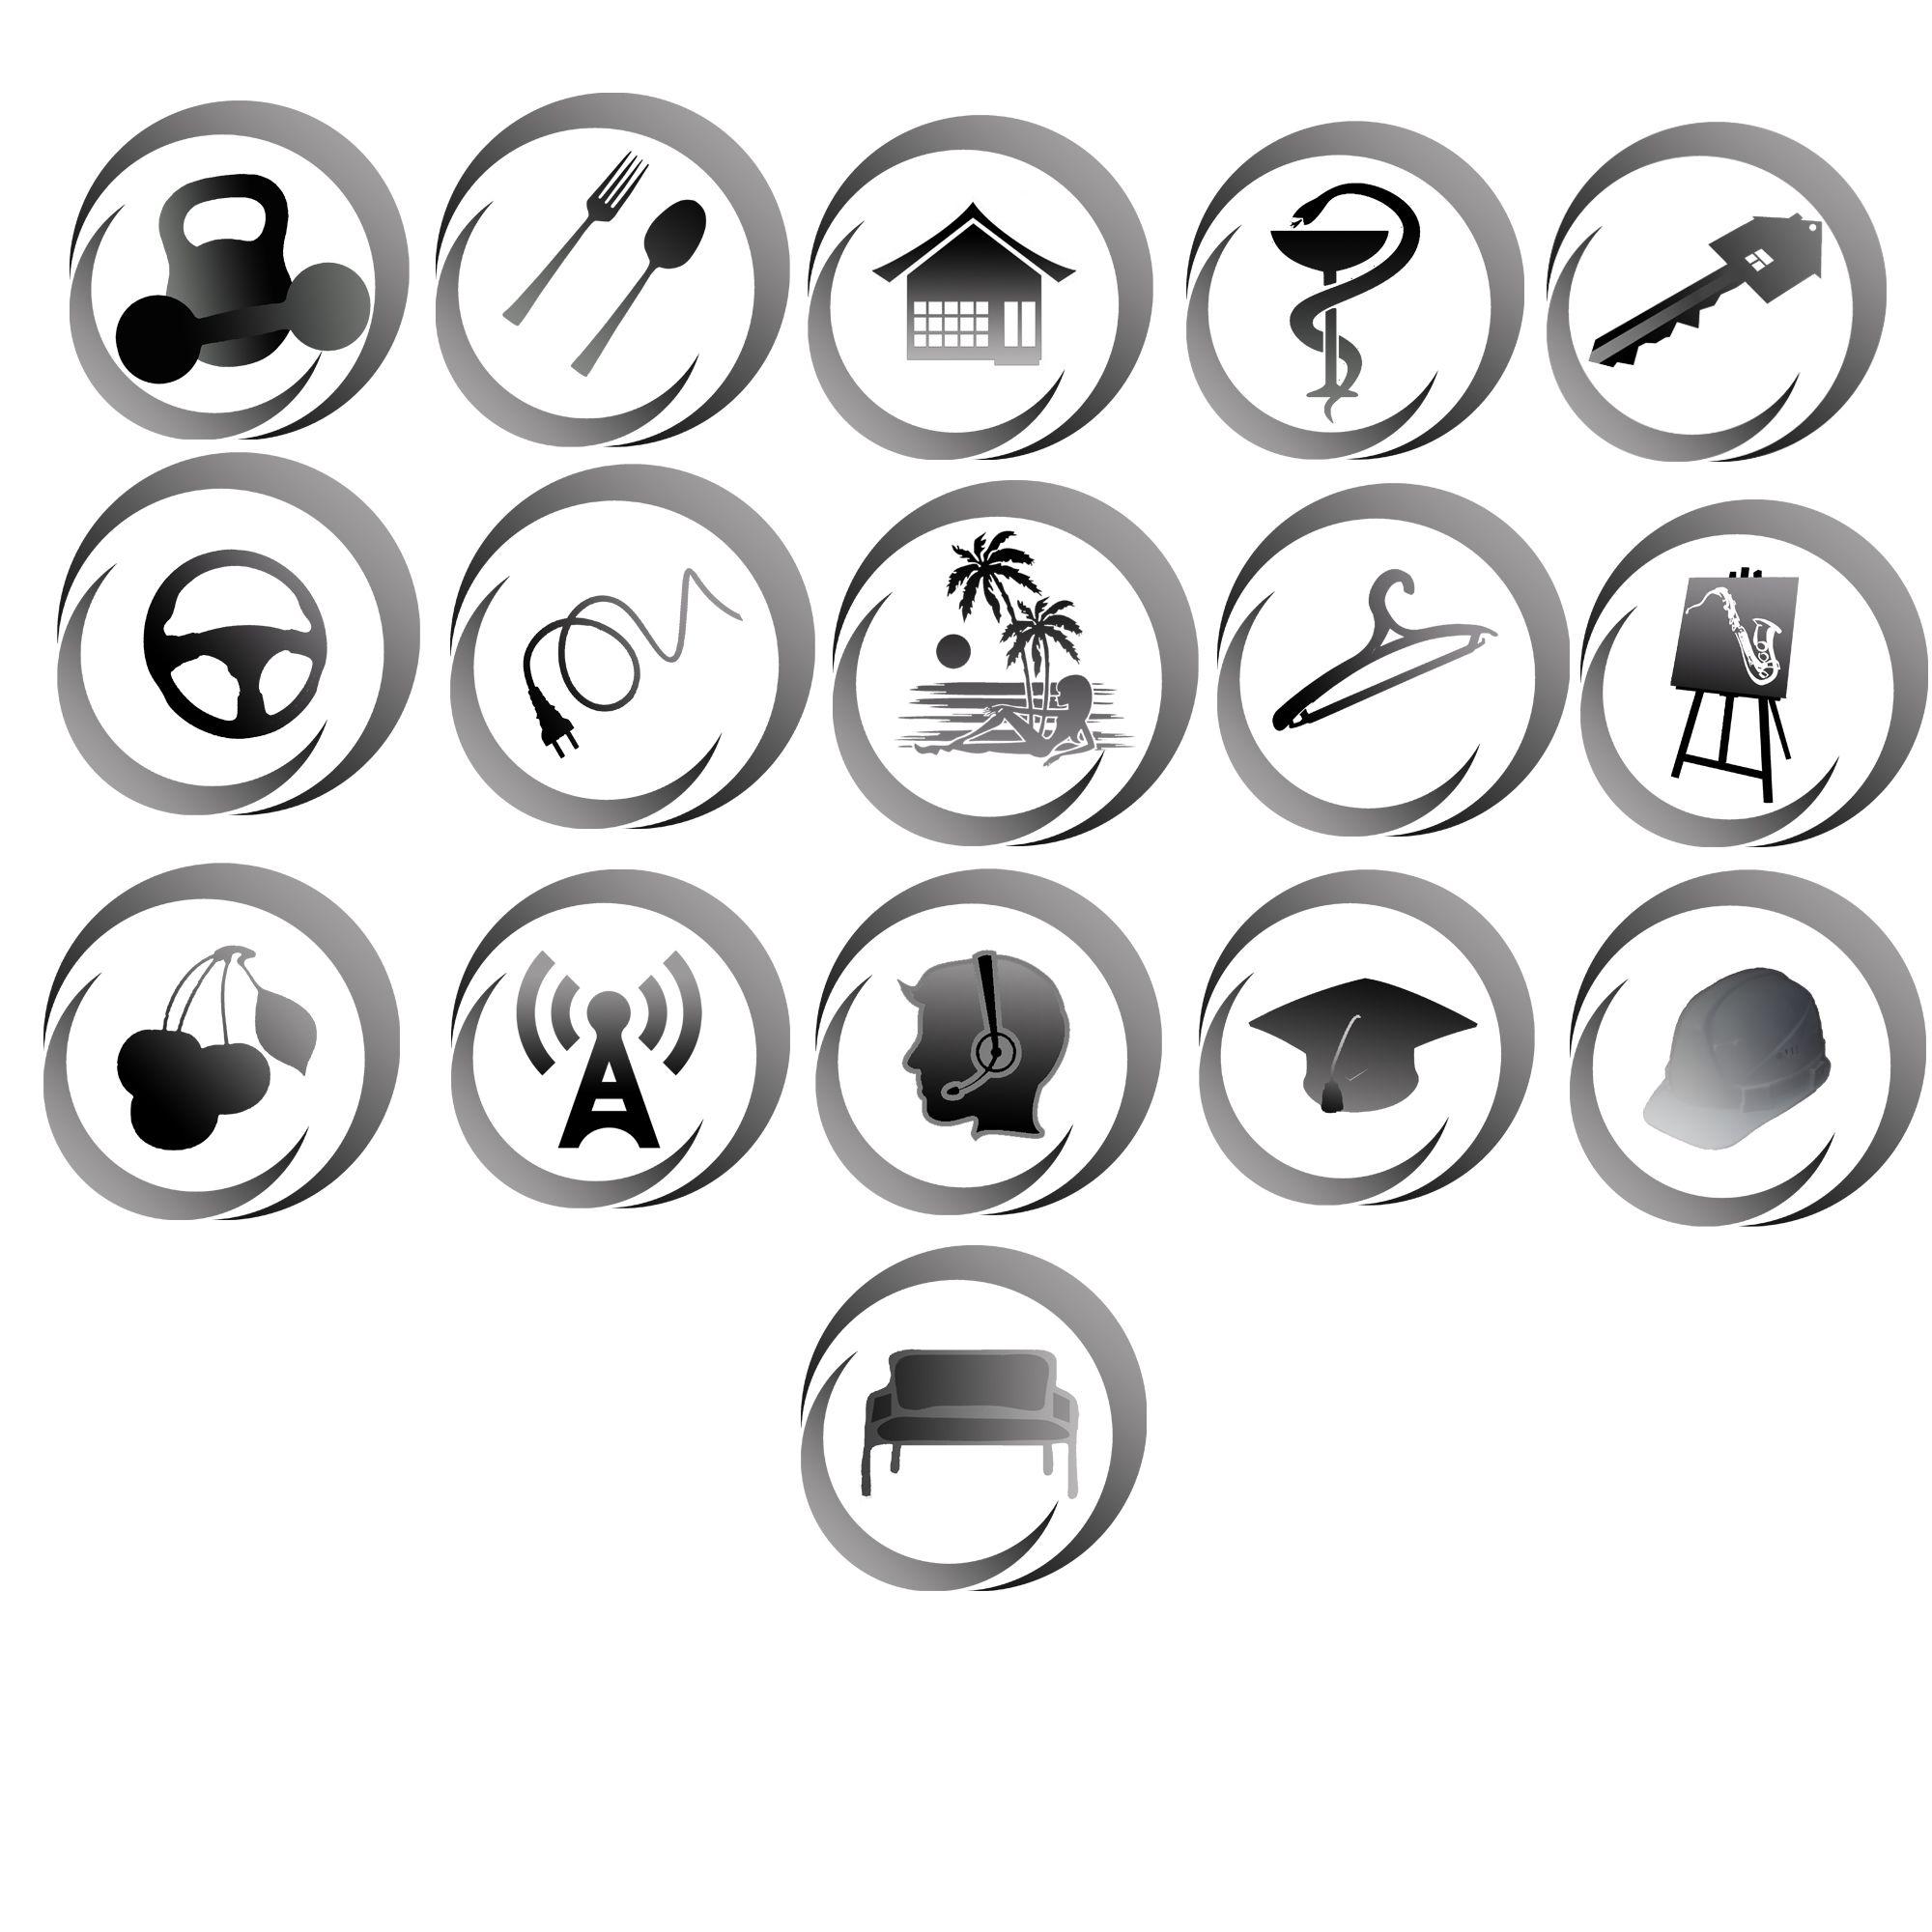 Иконки\кнопки для городского портала - дизайнер Velo16